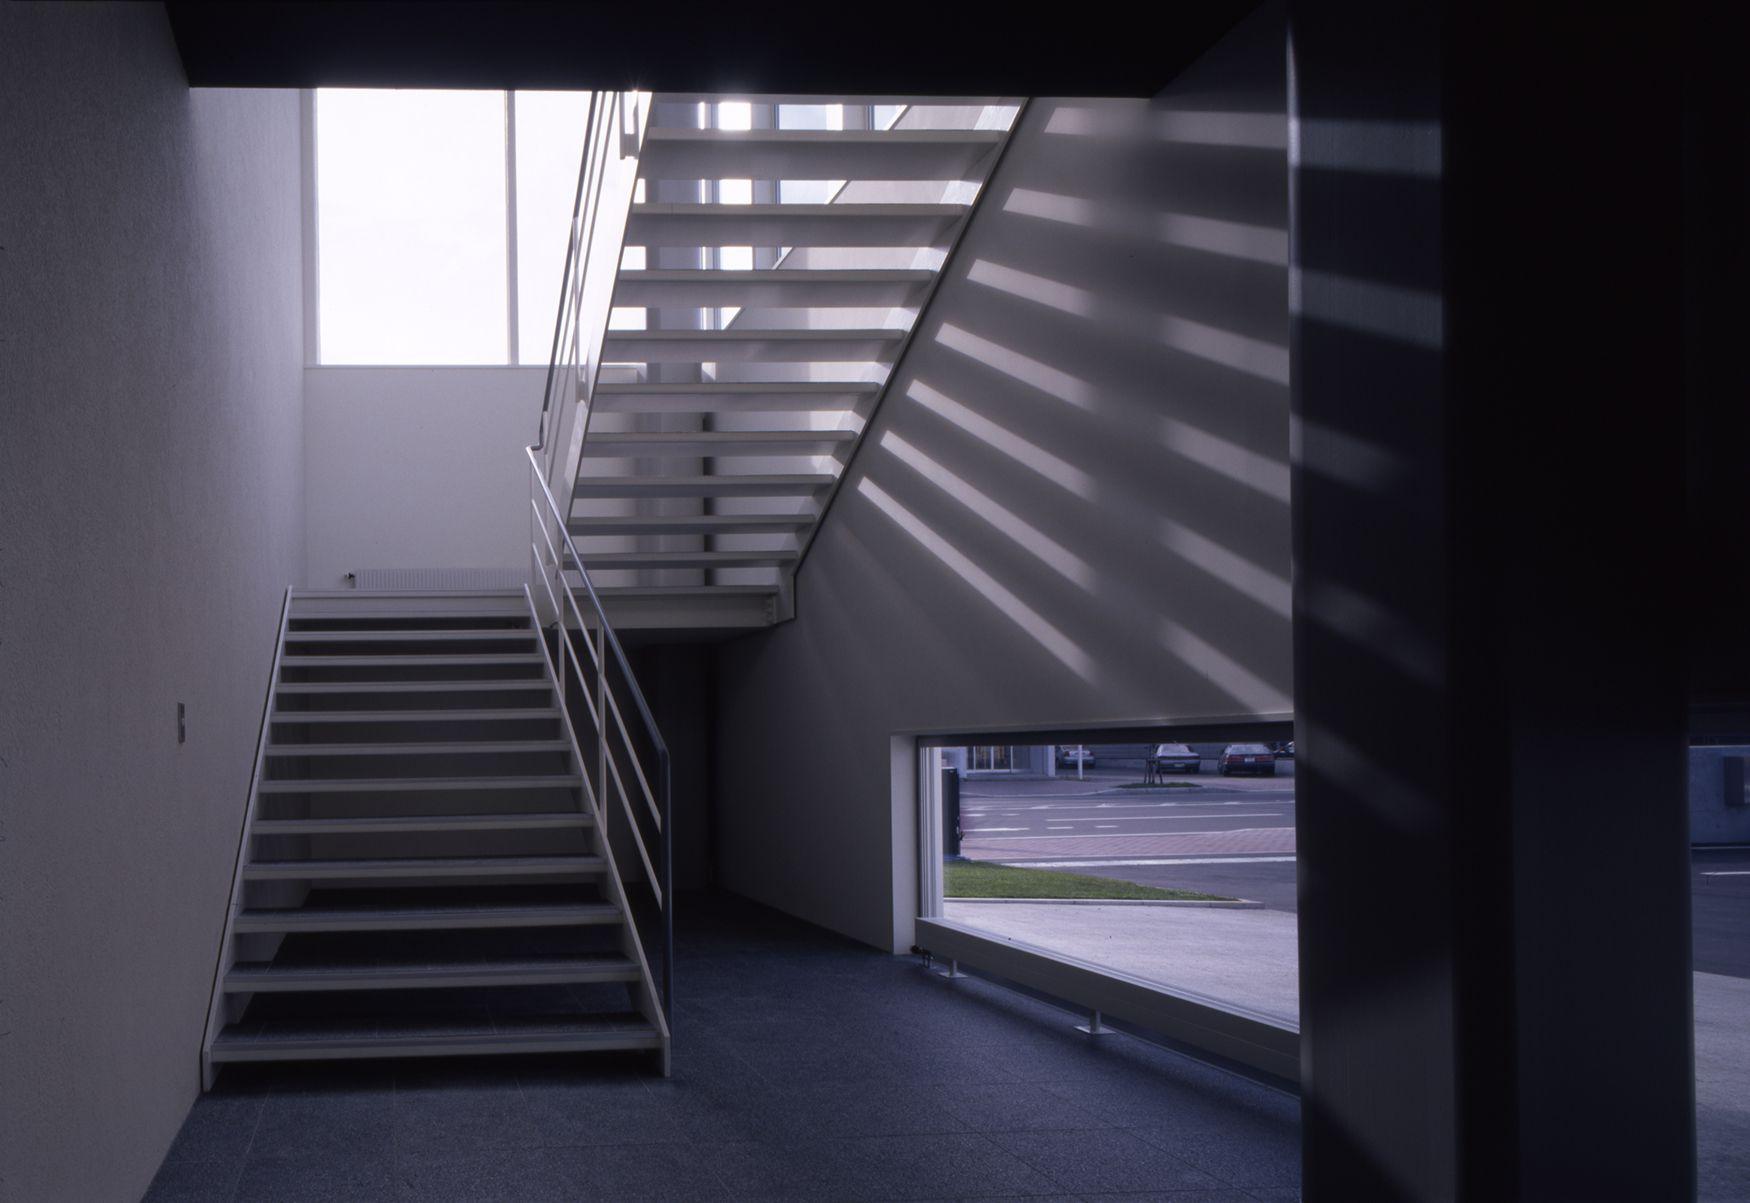 倉庫とオフィスのスケールのズレをデザイン